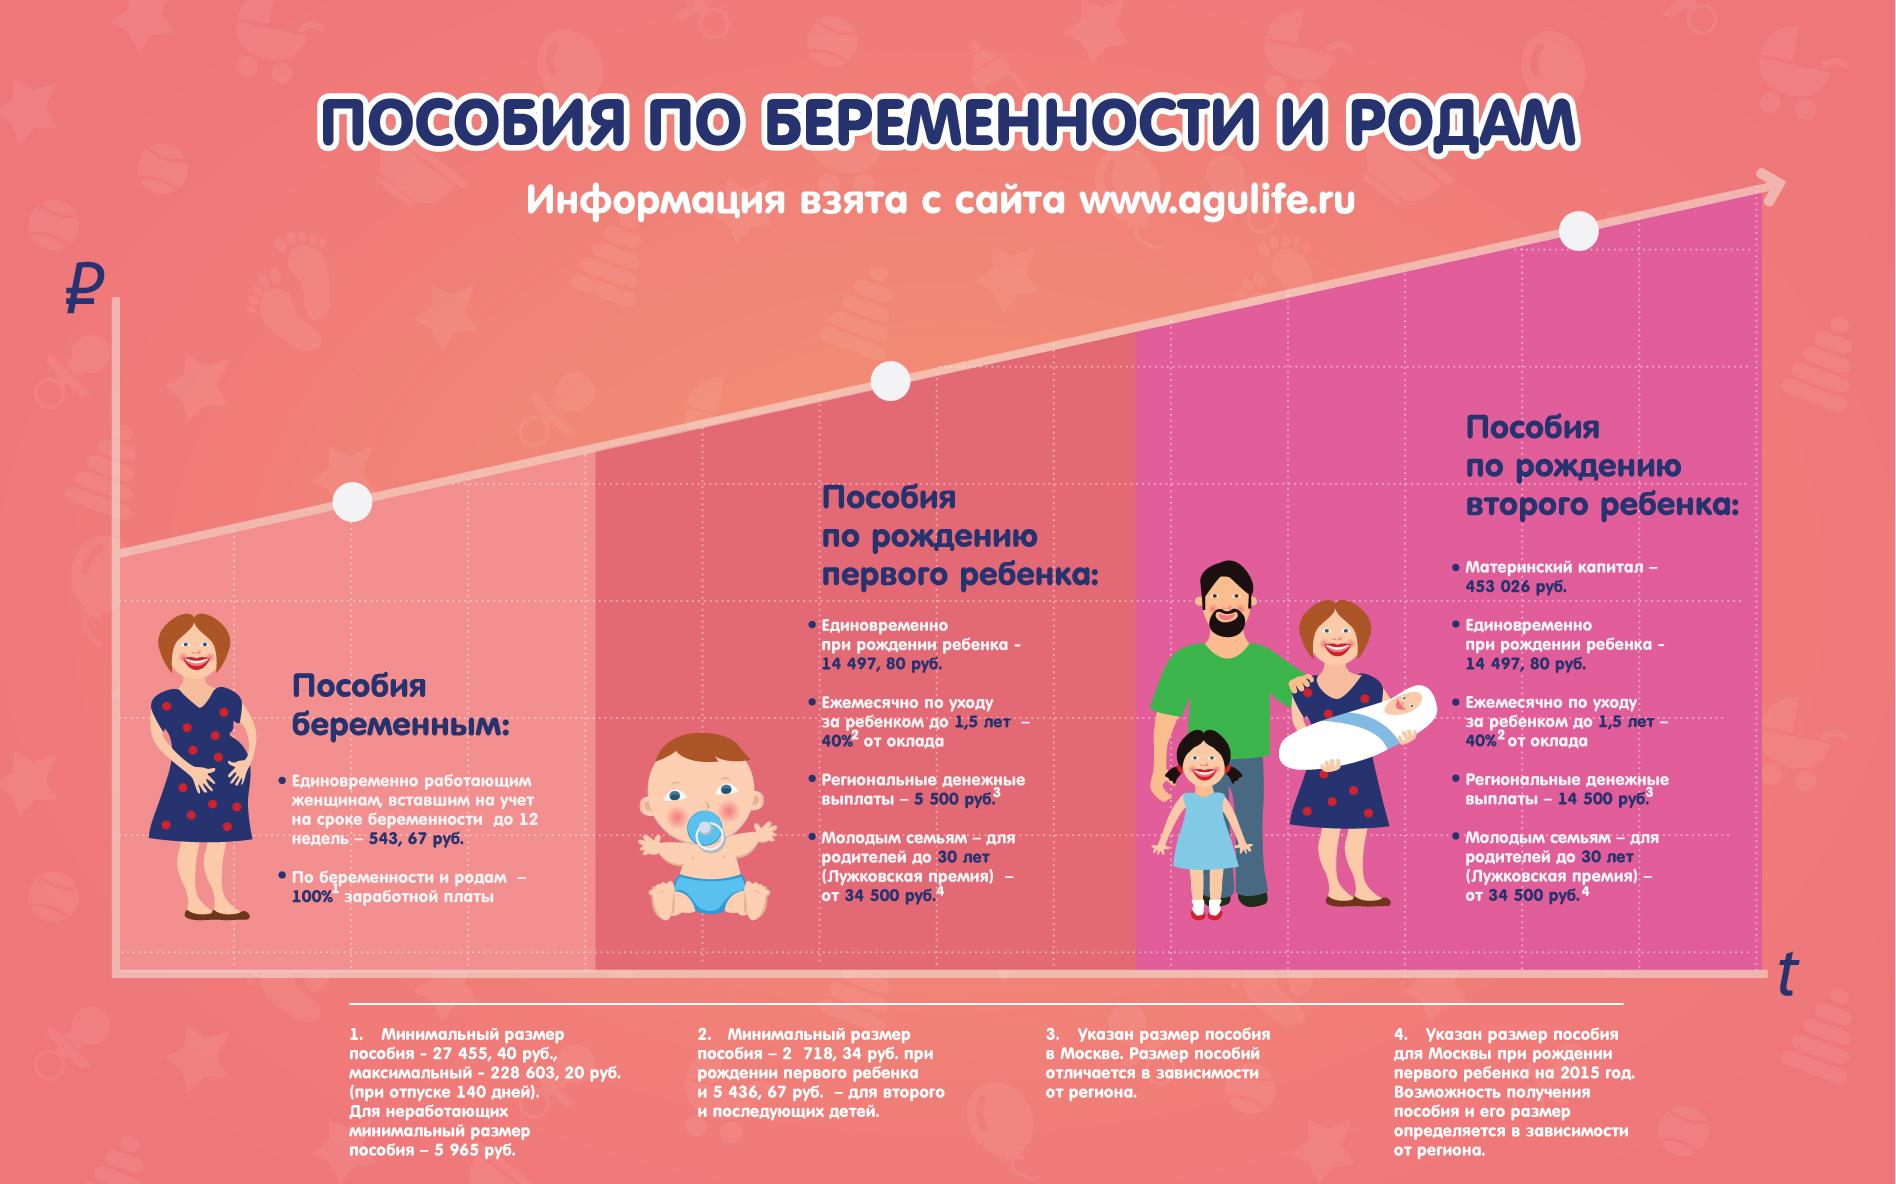 Получения пособия по ранней беременности